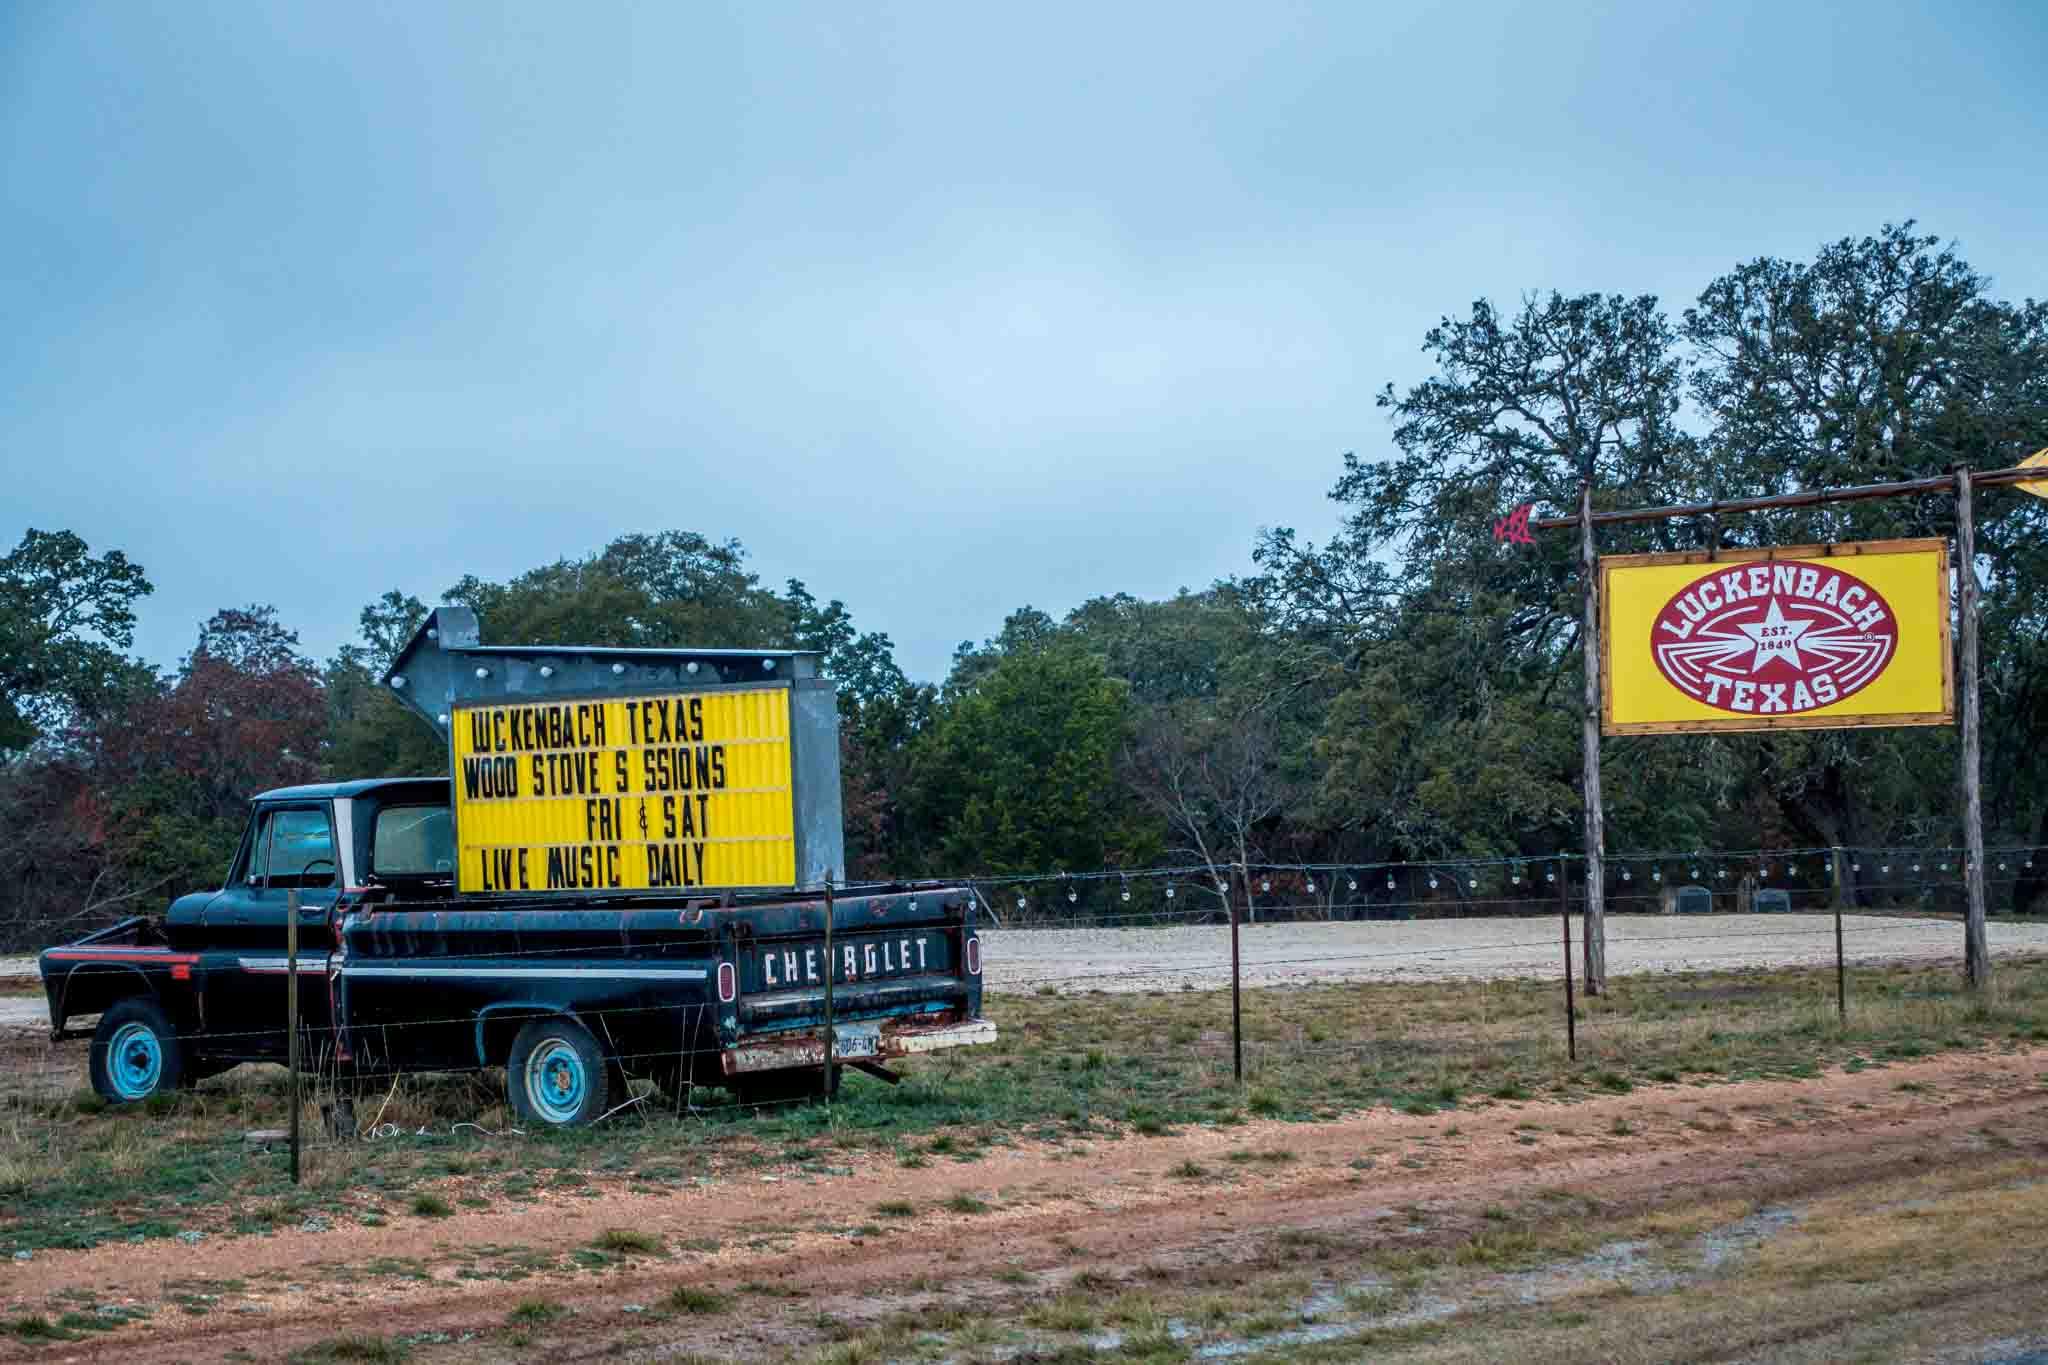 Signs for Luckenbach, Texas